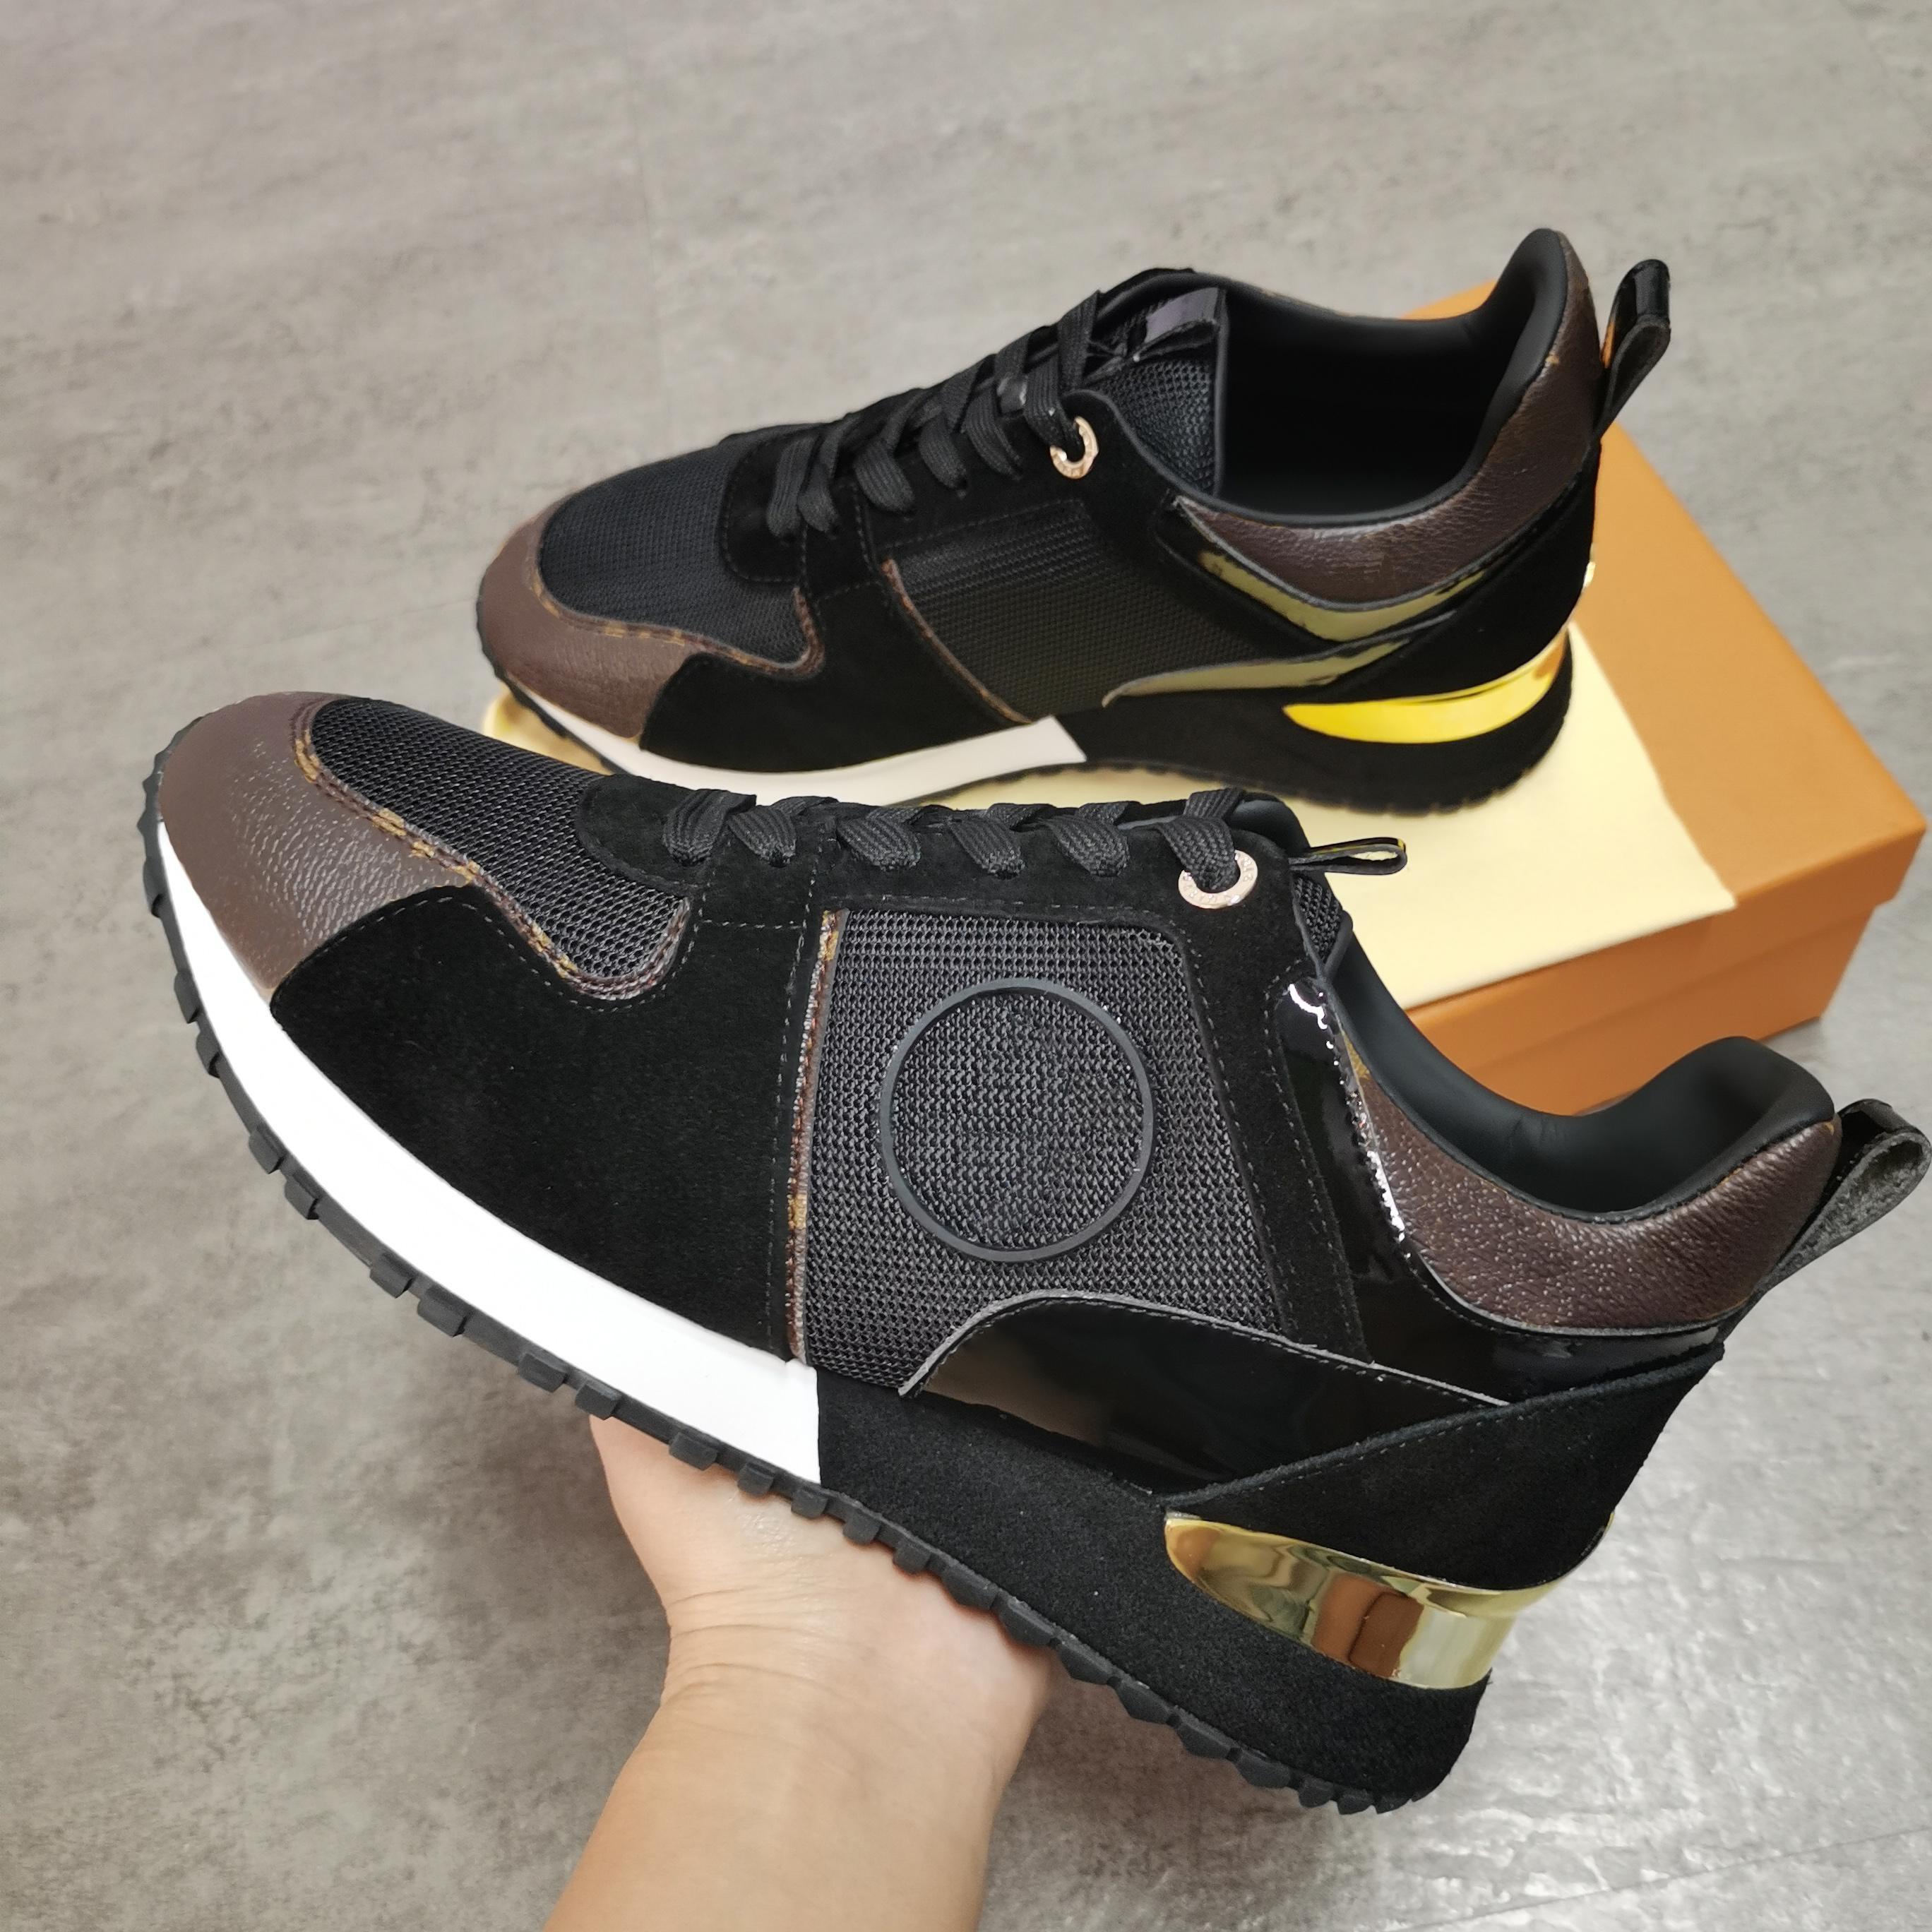 Scarpe da ginnastica da uomo Unisex Trainers Scarpe da corsa da donna da donna in esecuzione scarpe Top Quality Genuine Pelle Stampa Maglia Scarpe casual con scatola